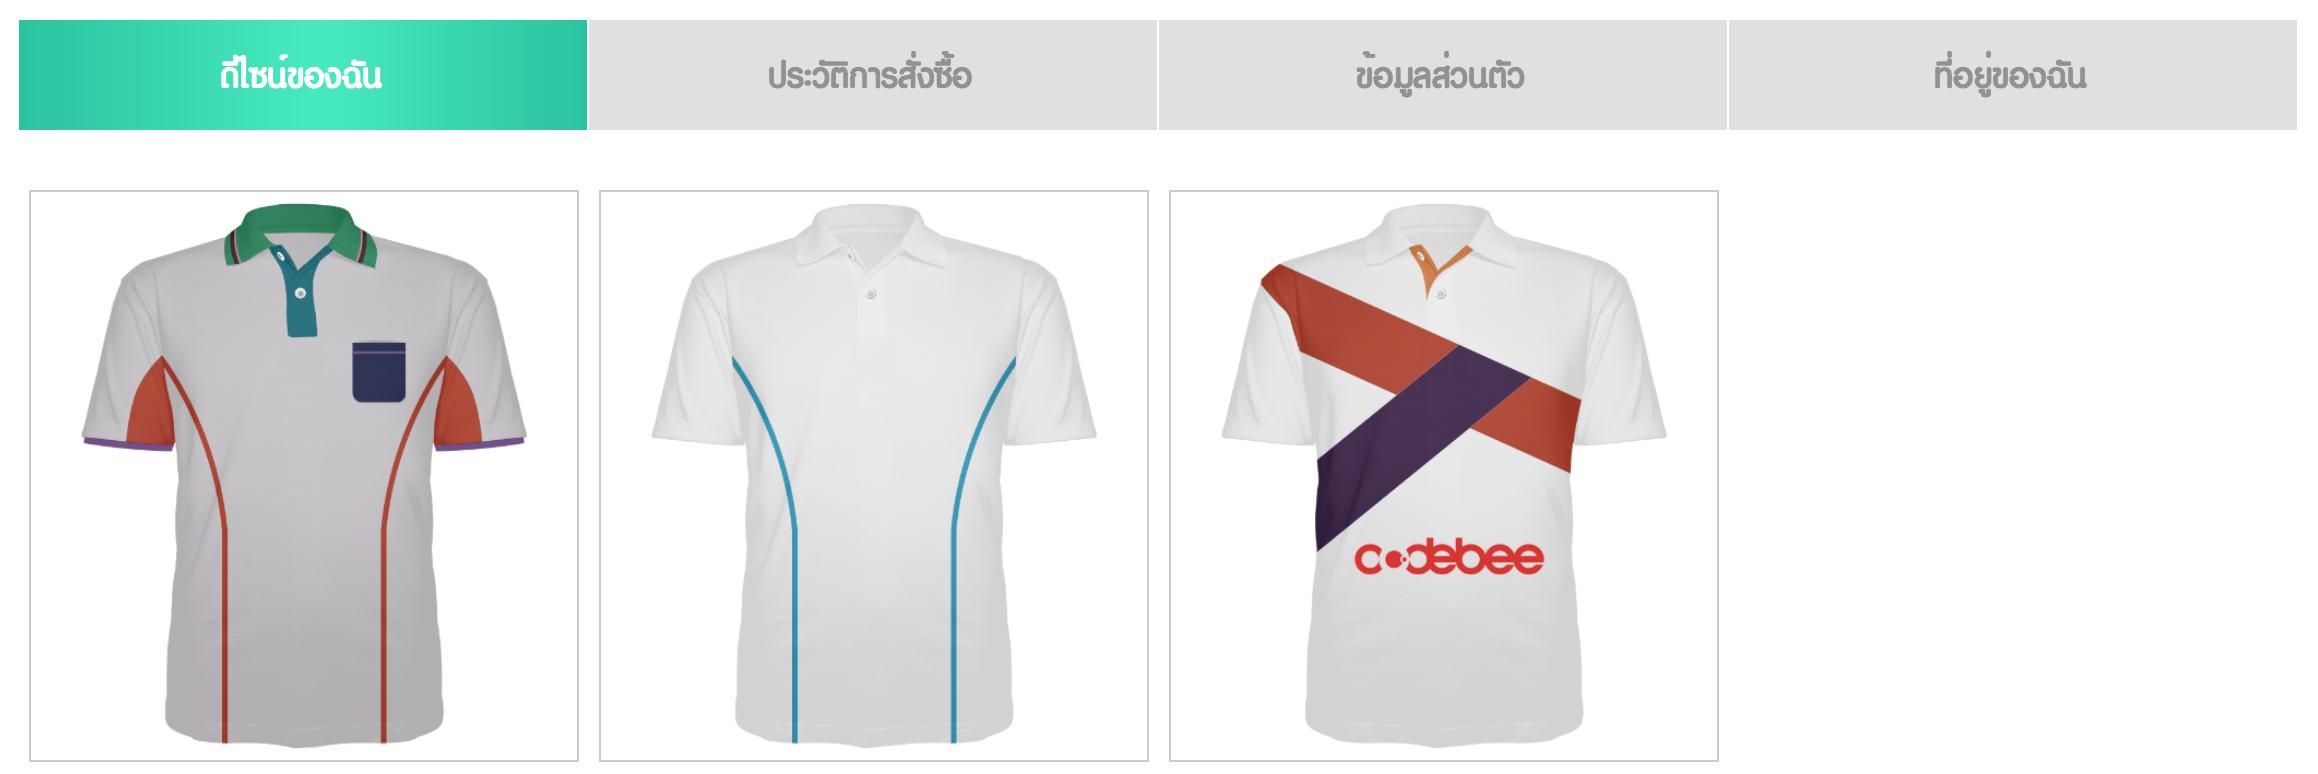 โปรแกรมออกแบบเสื้อผ้าออนไลน์